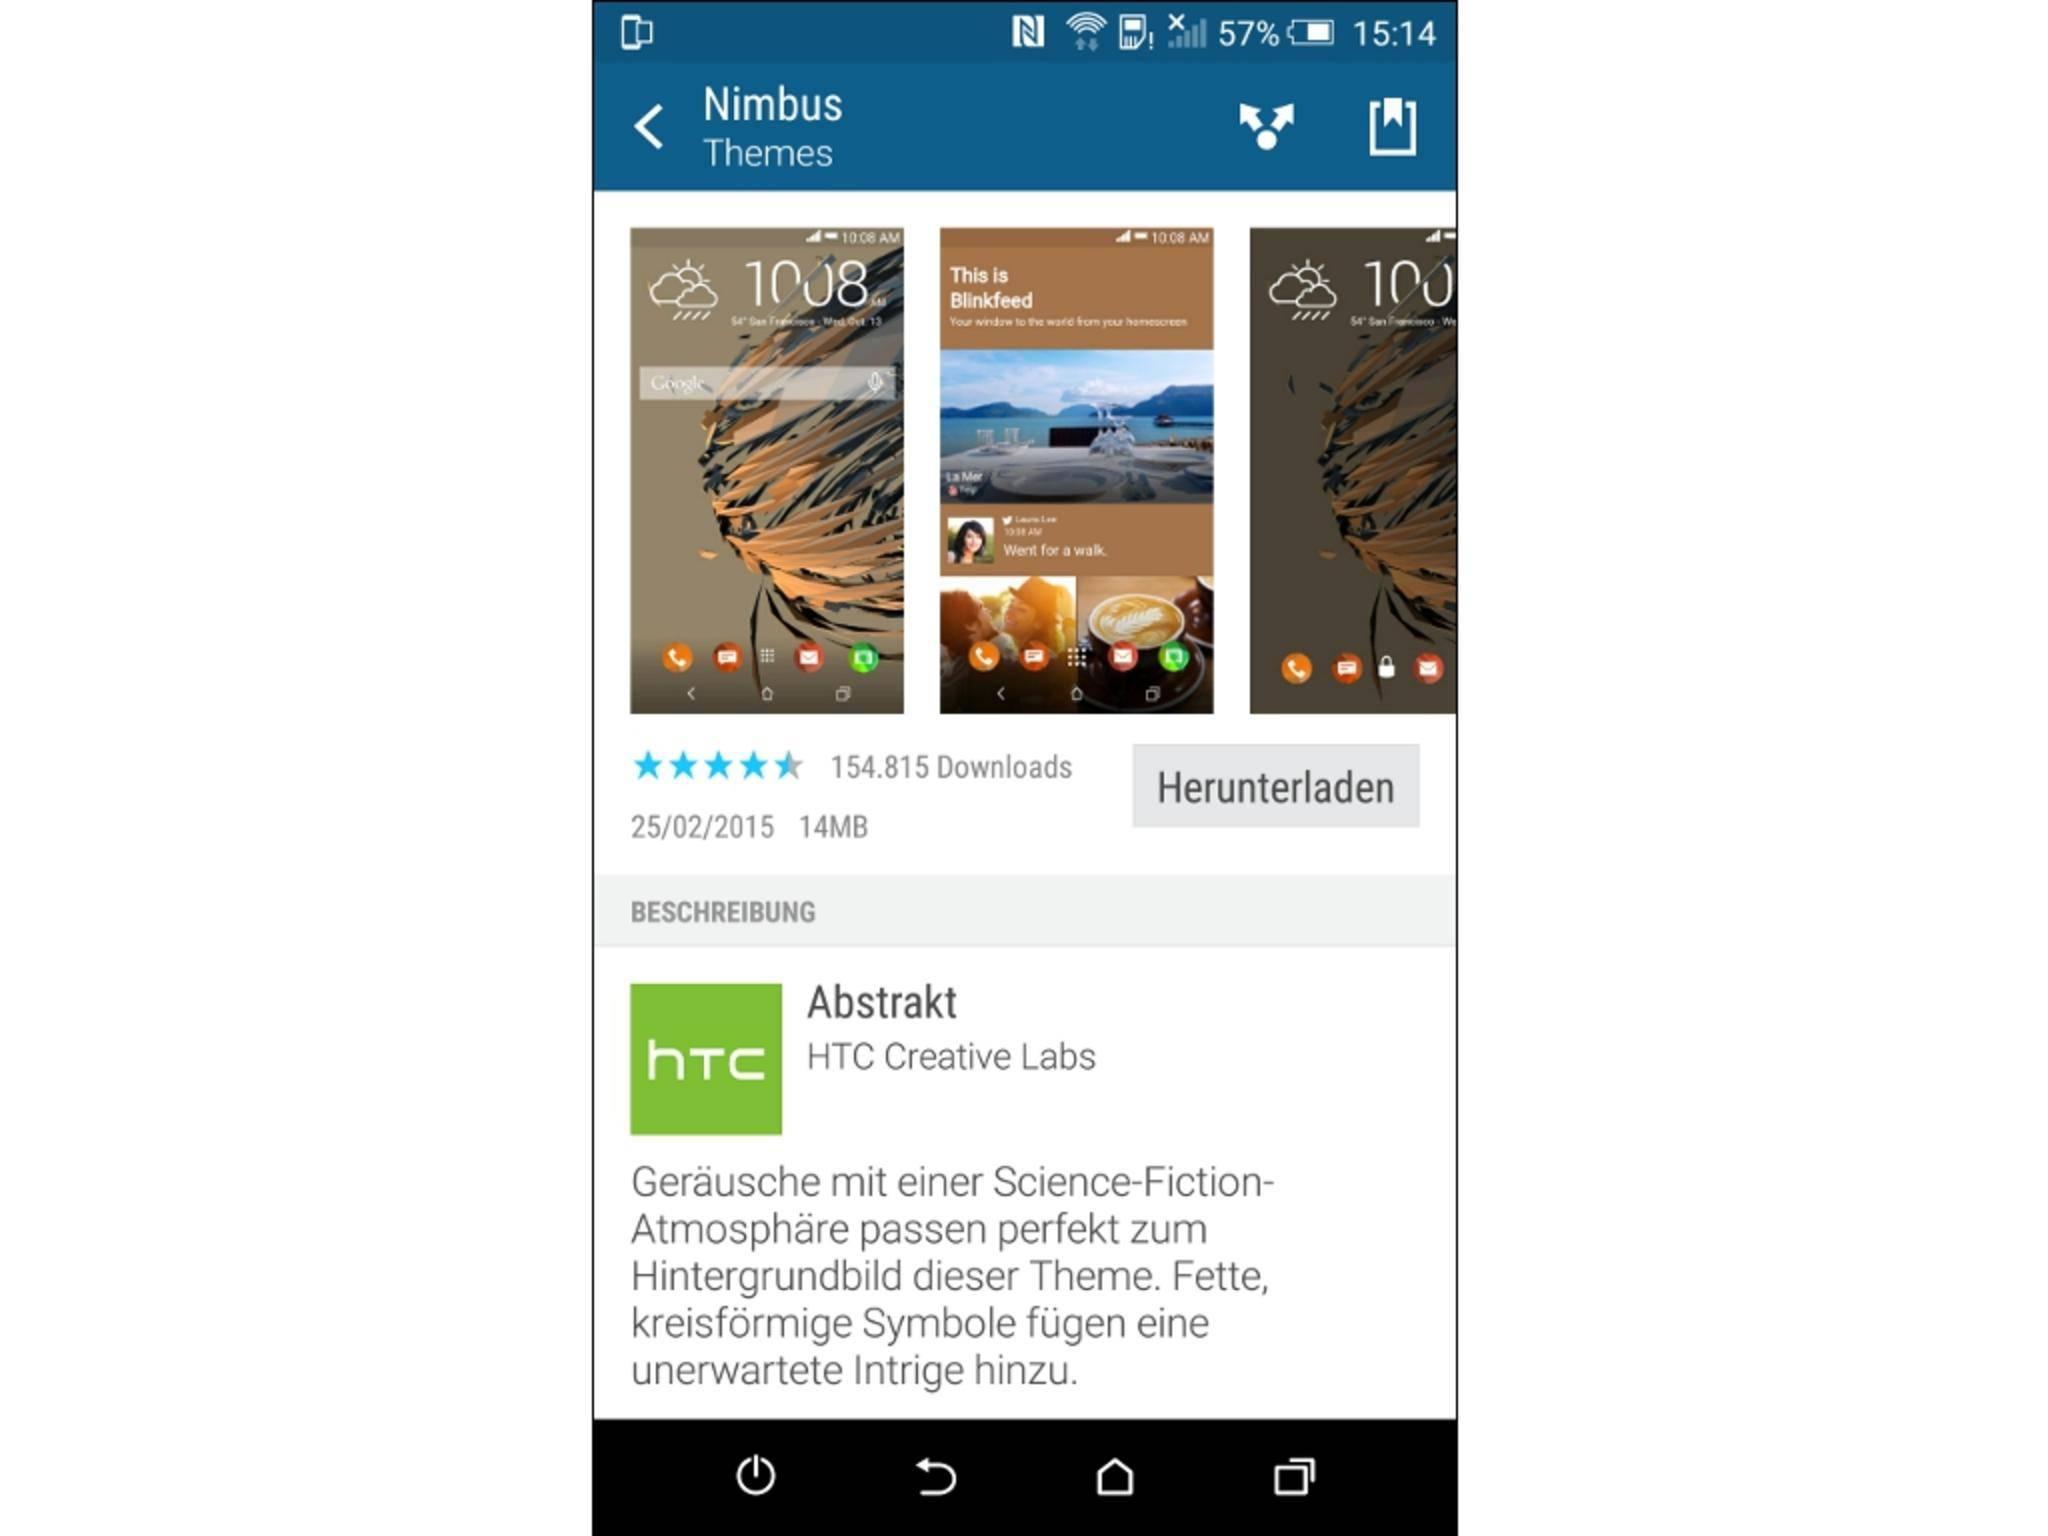 Die Benutzeroberfläche des HTC One M9 lässt sich mit den Themes individuell anpassen.